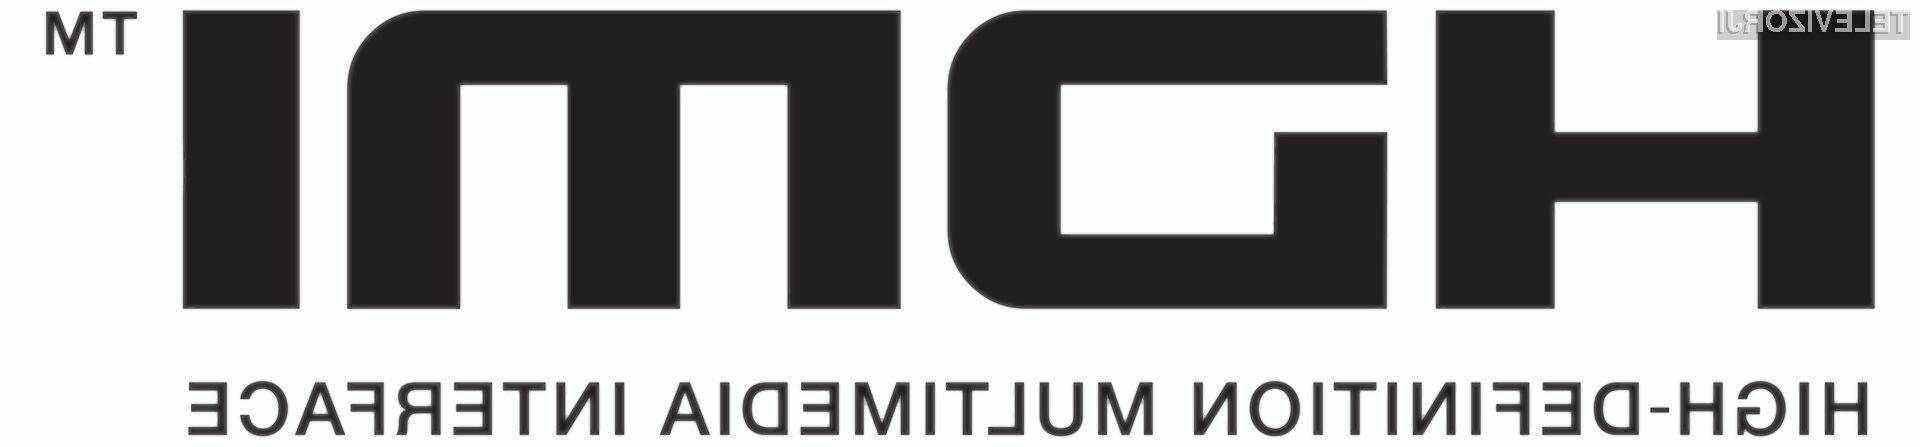 Tudi HDMI bo dobil podporo 3D videu.